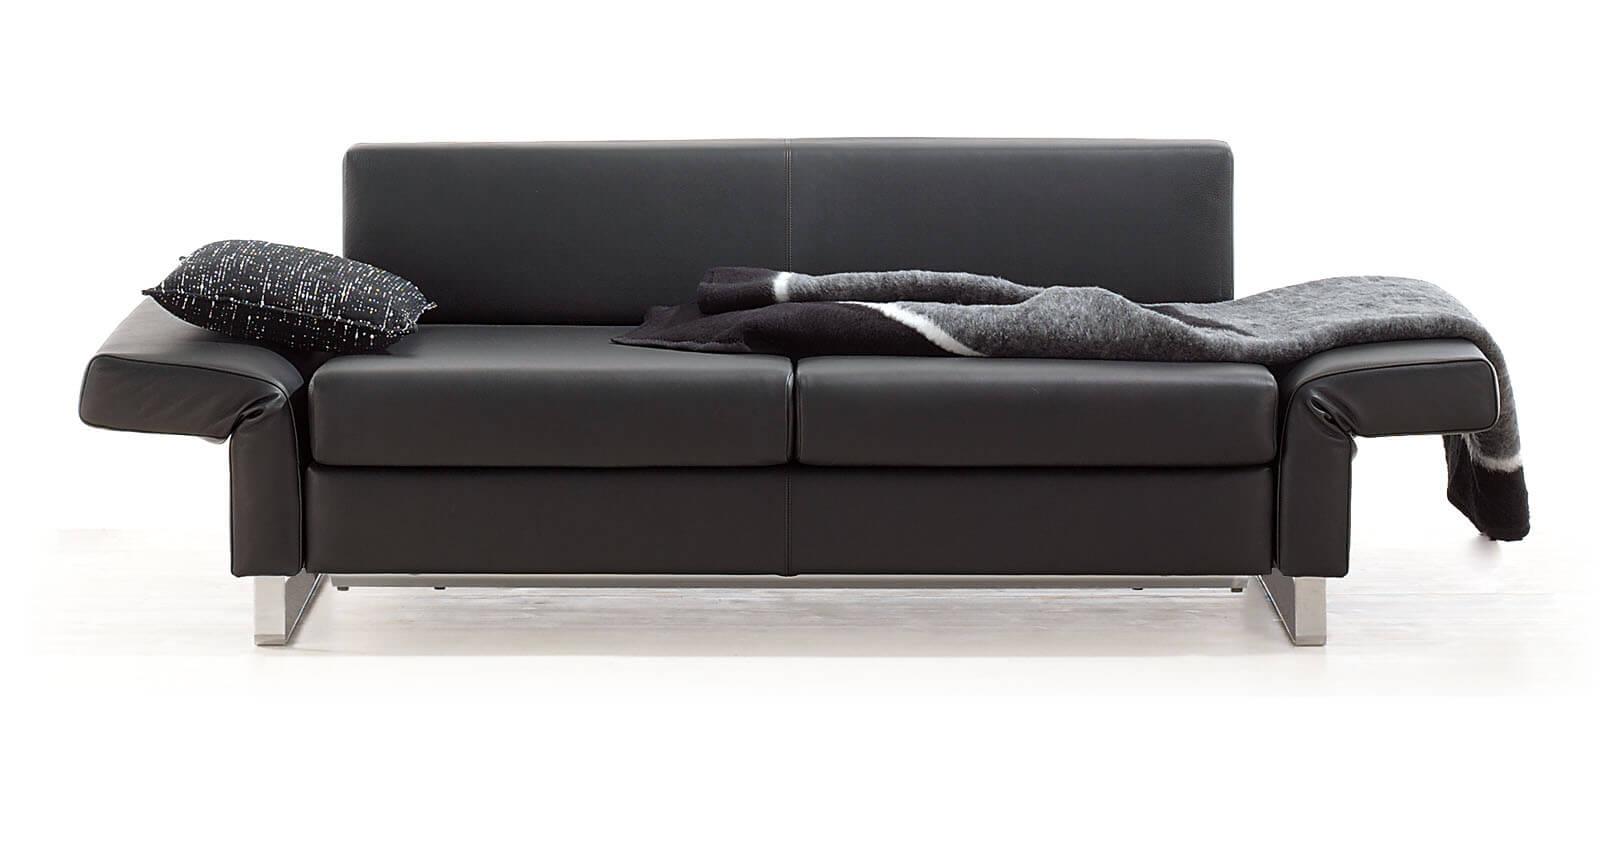 Franz Fertig Sofas sofabed intro by franz fertig